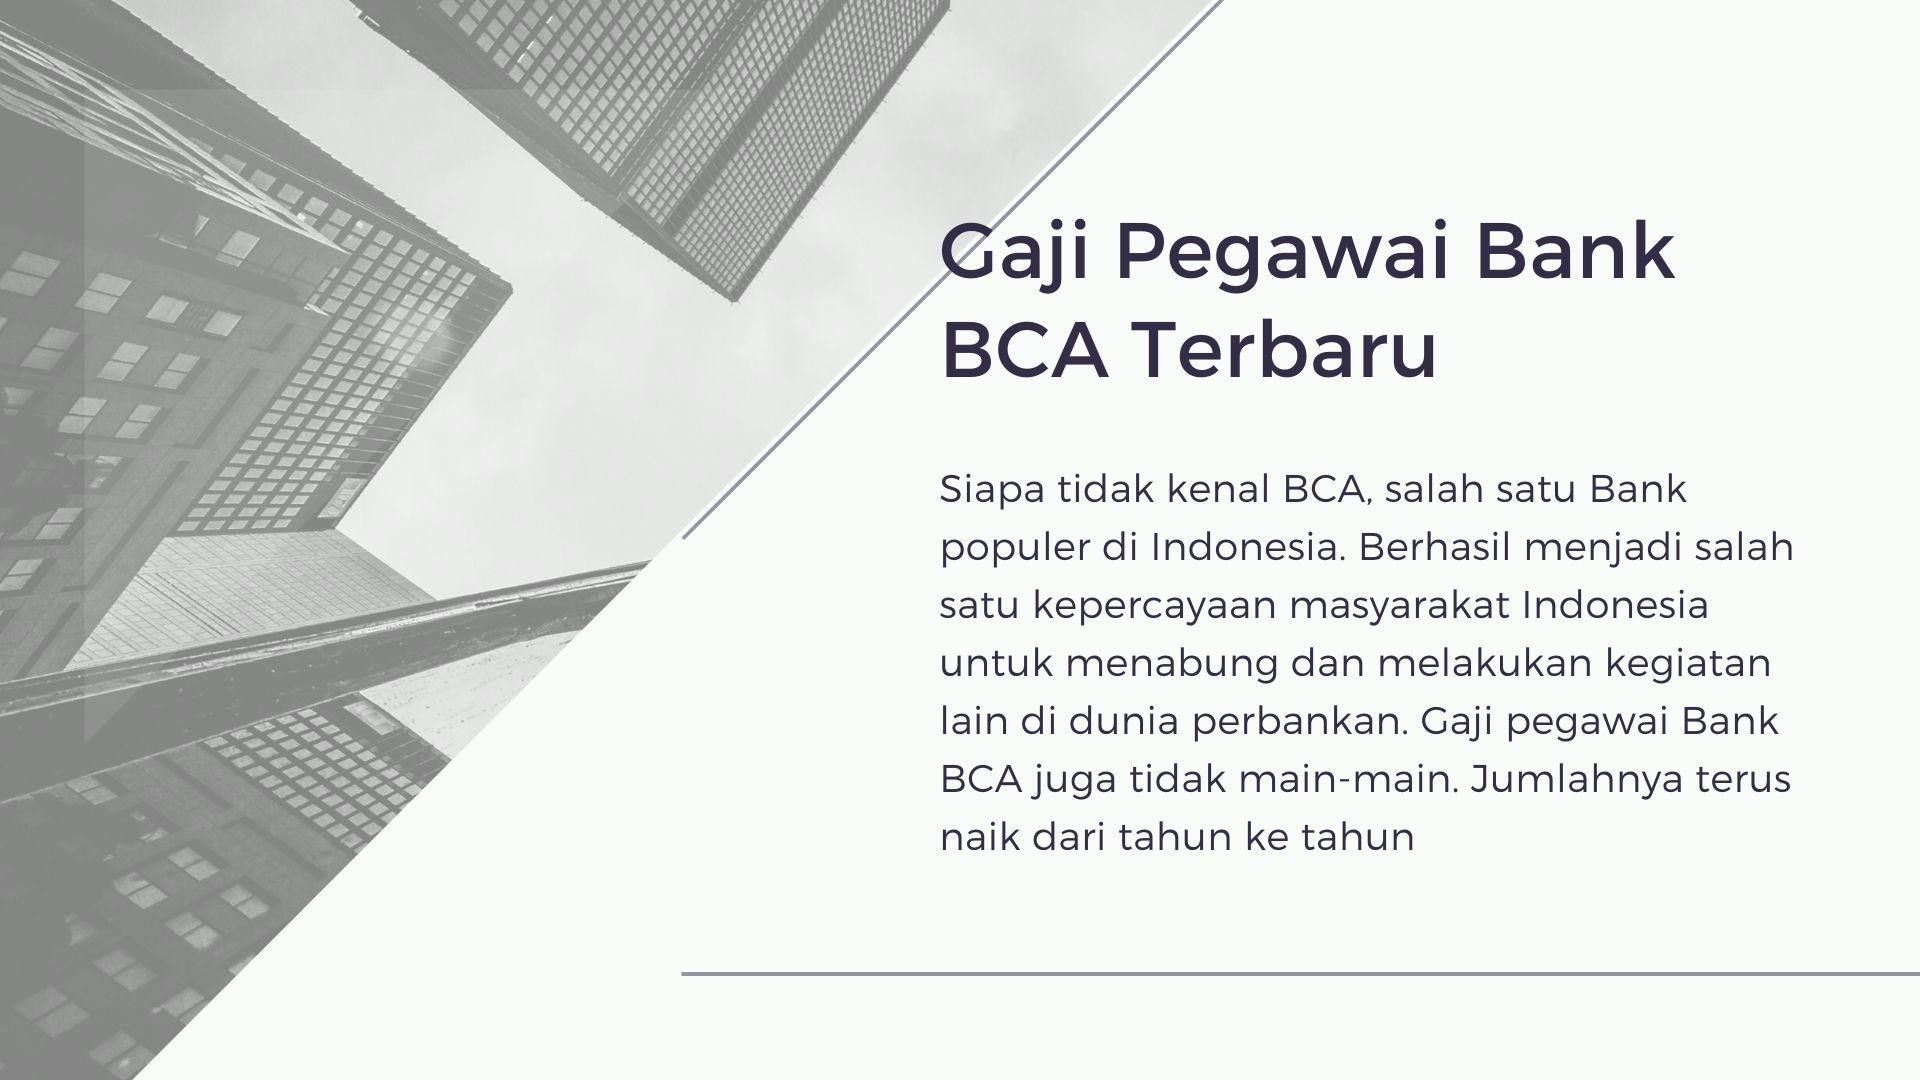 Gaji Pegawai Bank BCA